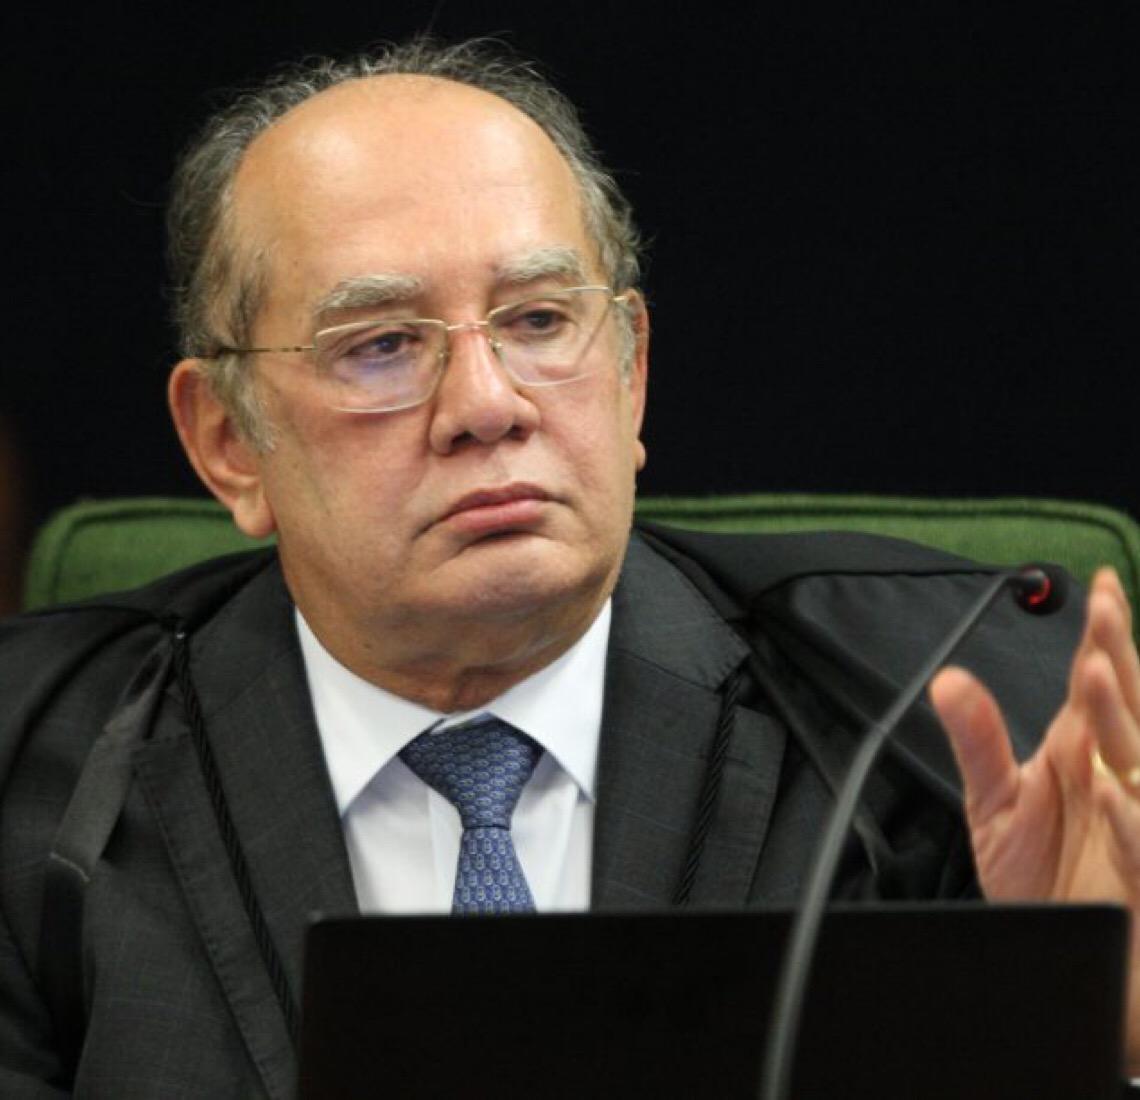 """Ameaça de Gilmar Mendes de barrar CPI da Lava Toga é """"grito autoritário de quem tem medo"""", diz senador"""